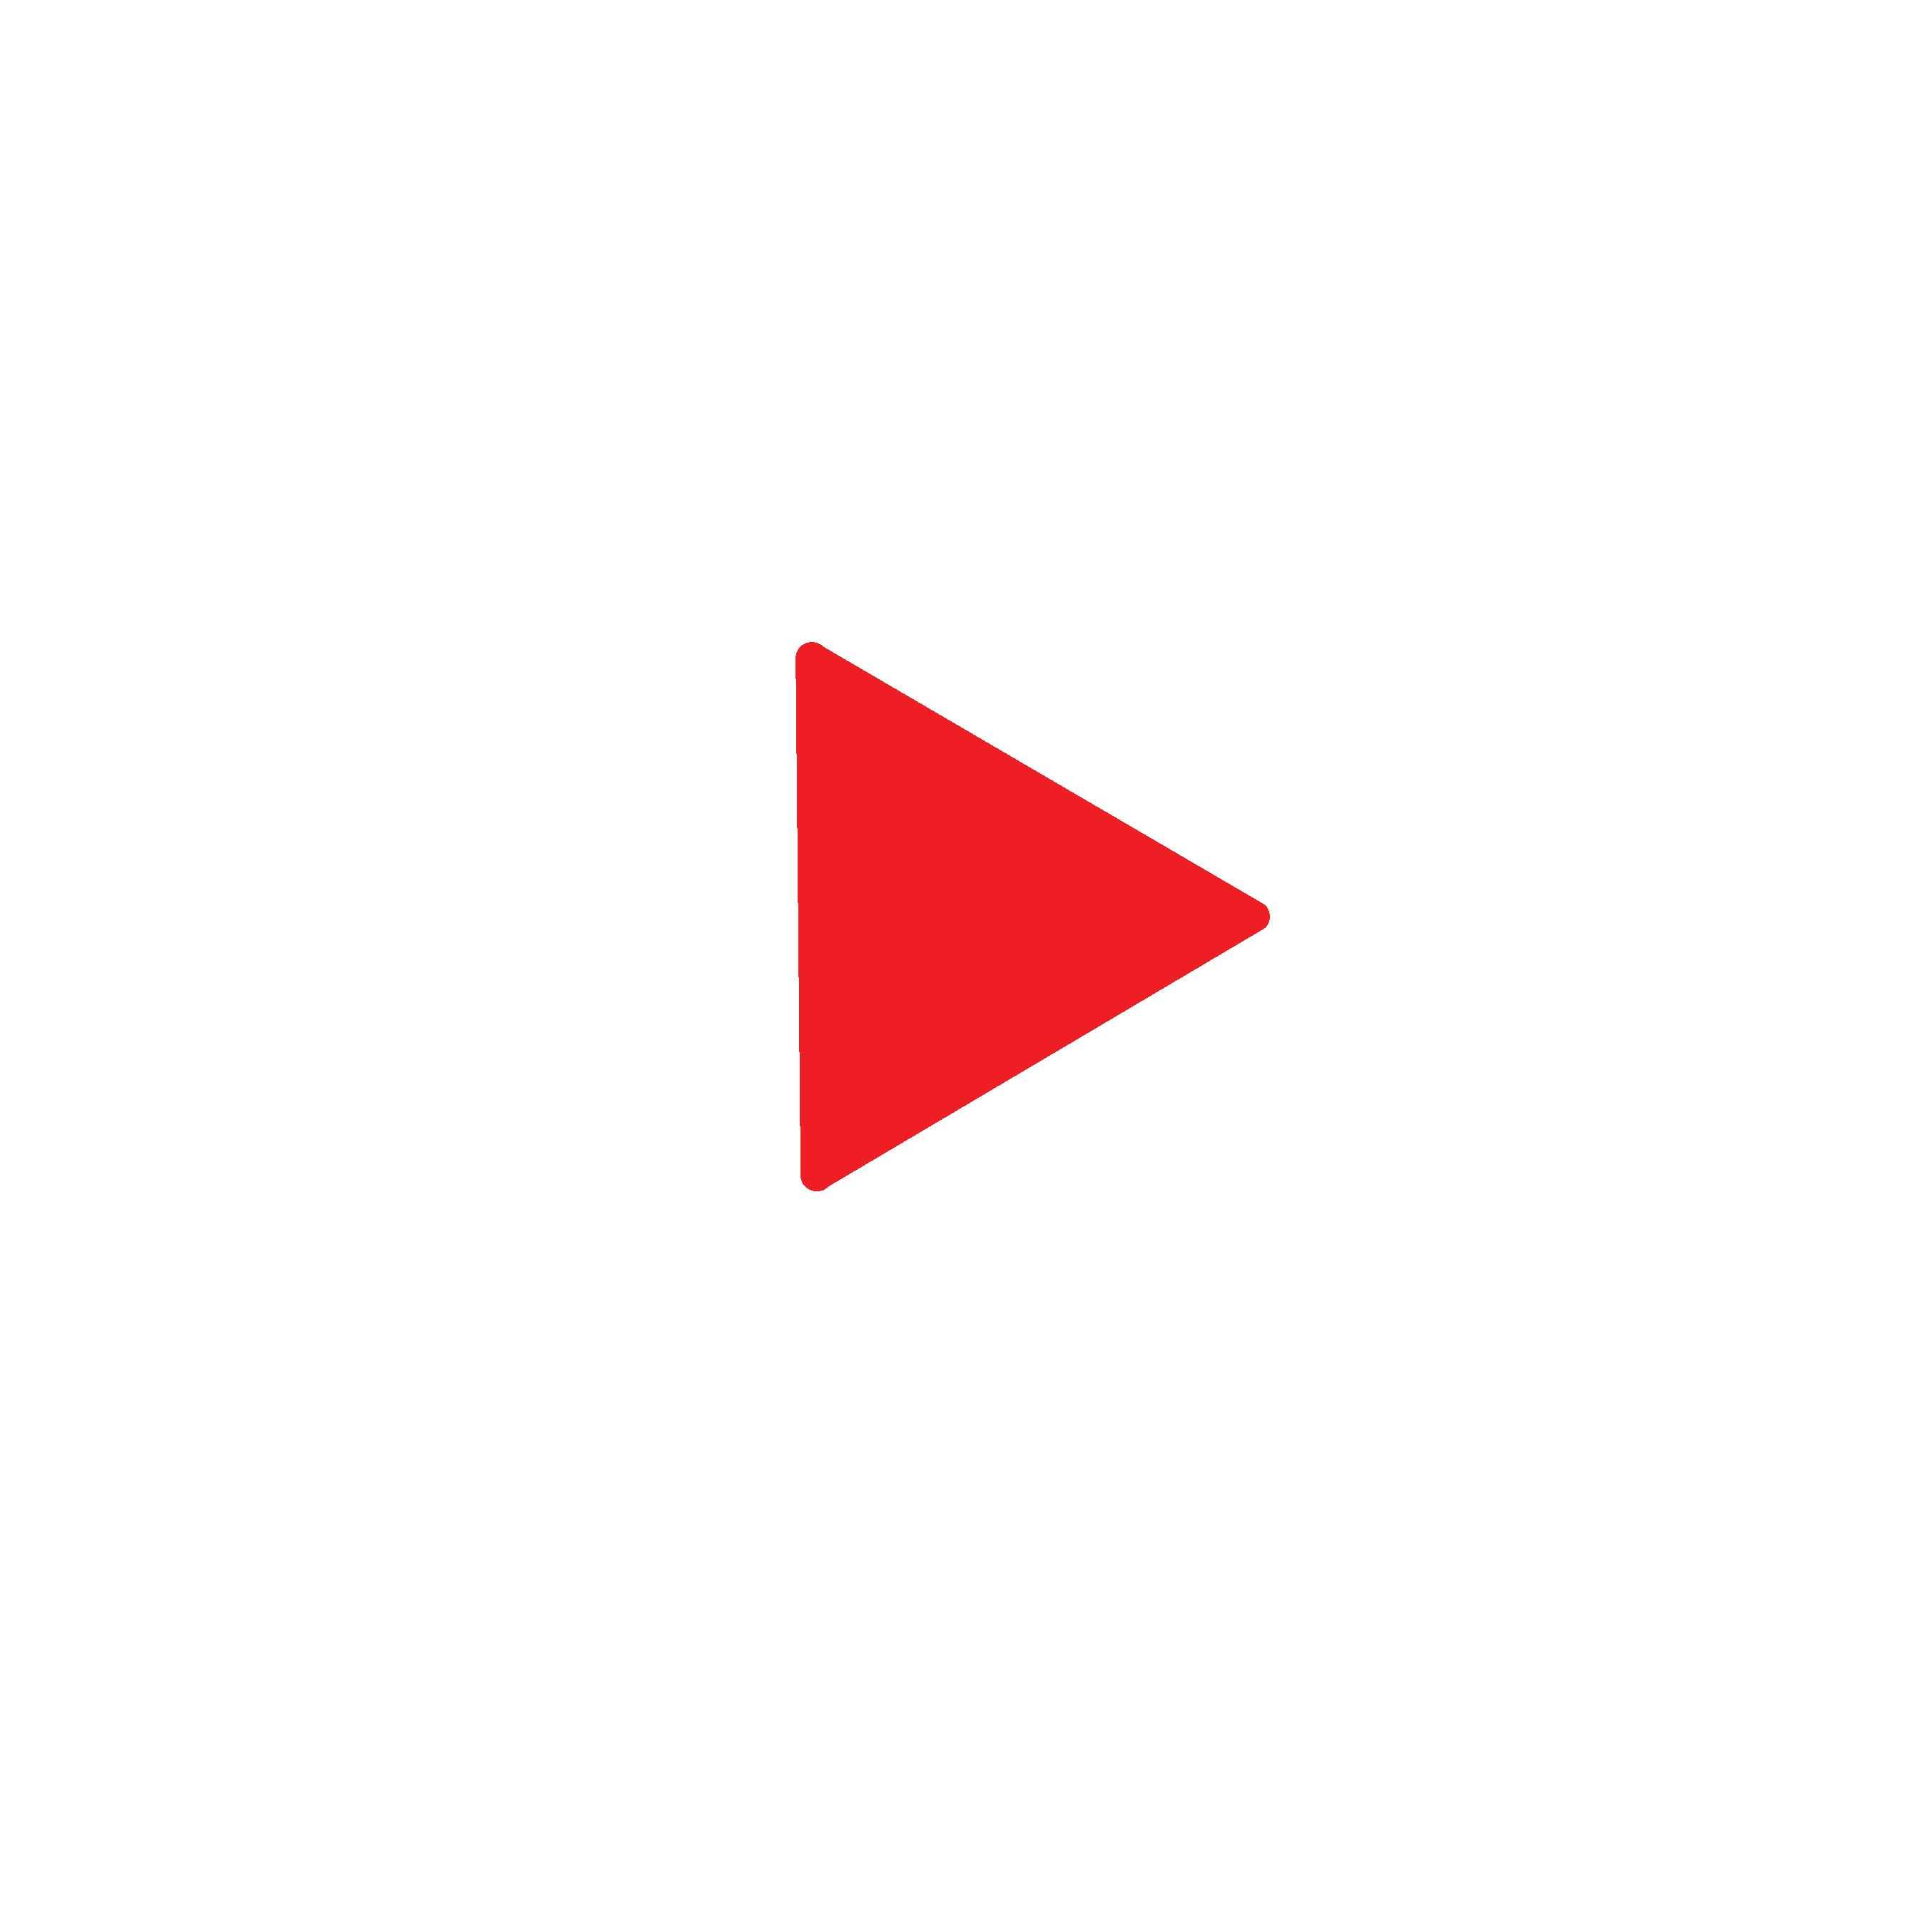 truespinmedia-icon